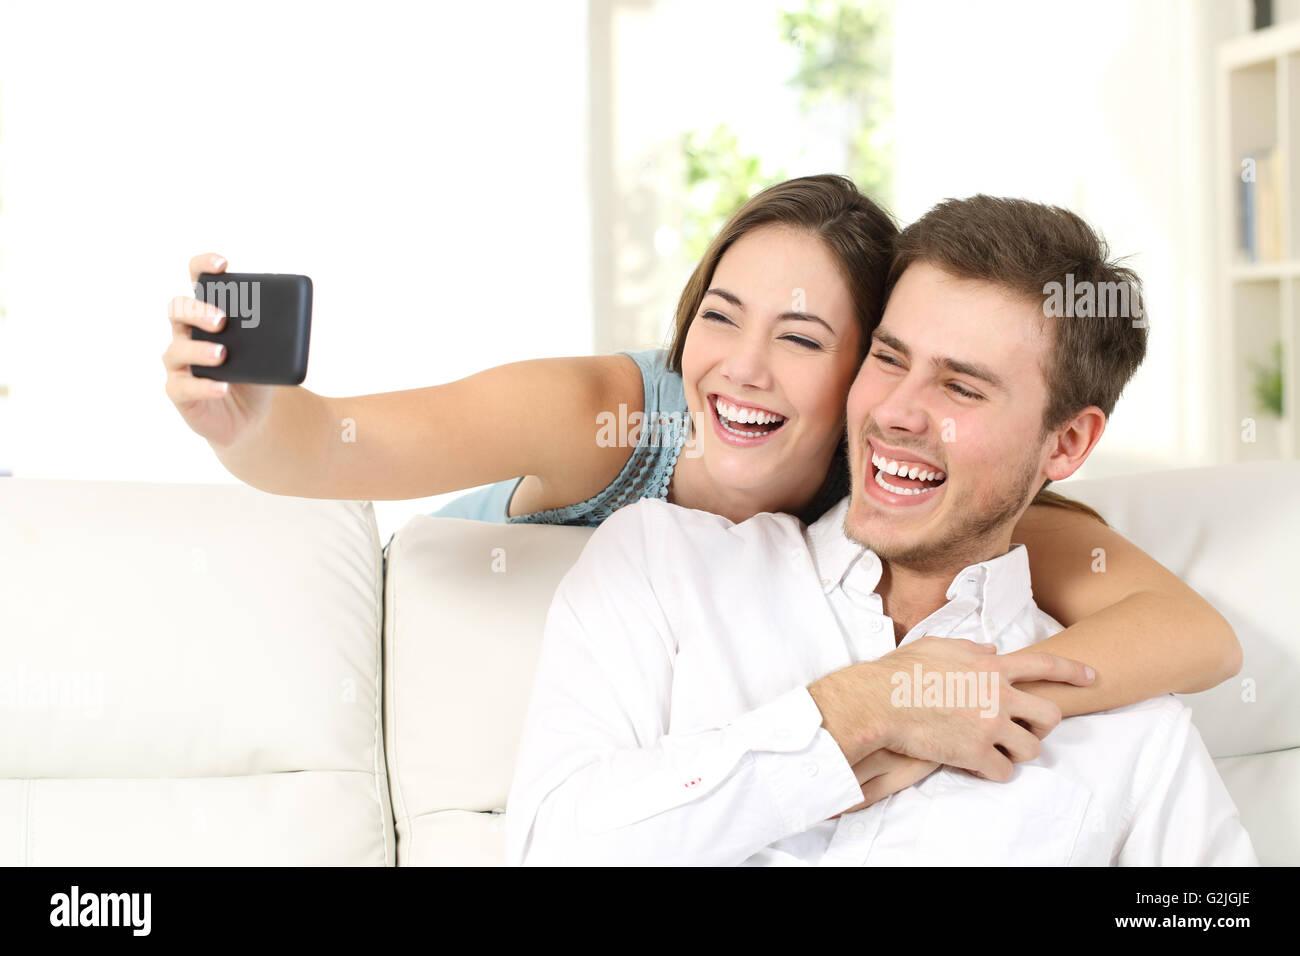 El matrimonio o una pareja riendo y tomando un selfie con teléfono sentados en un sofá en casa Imagen De Stock